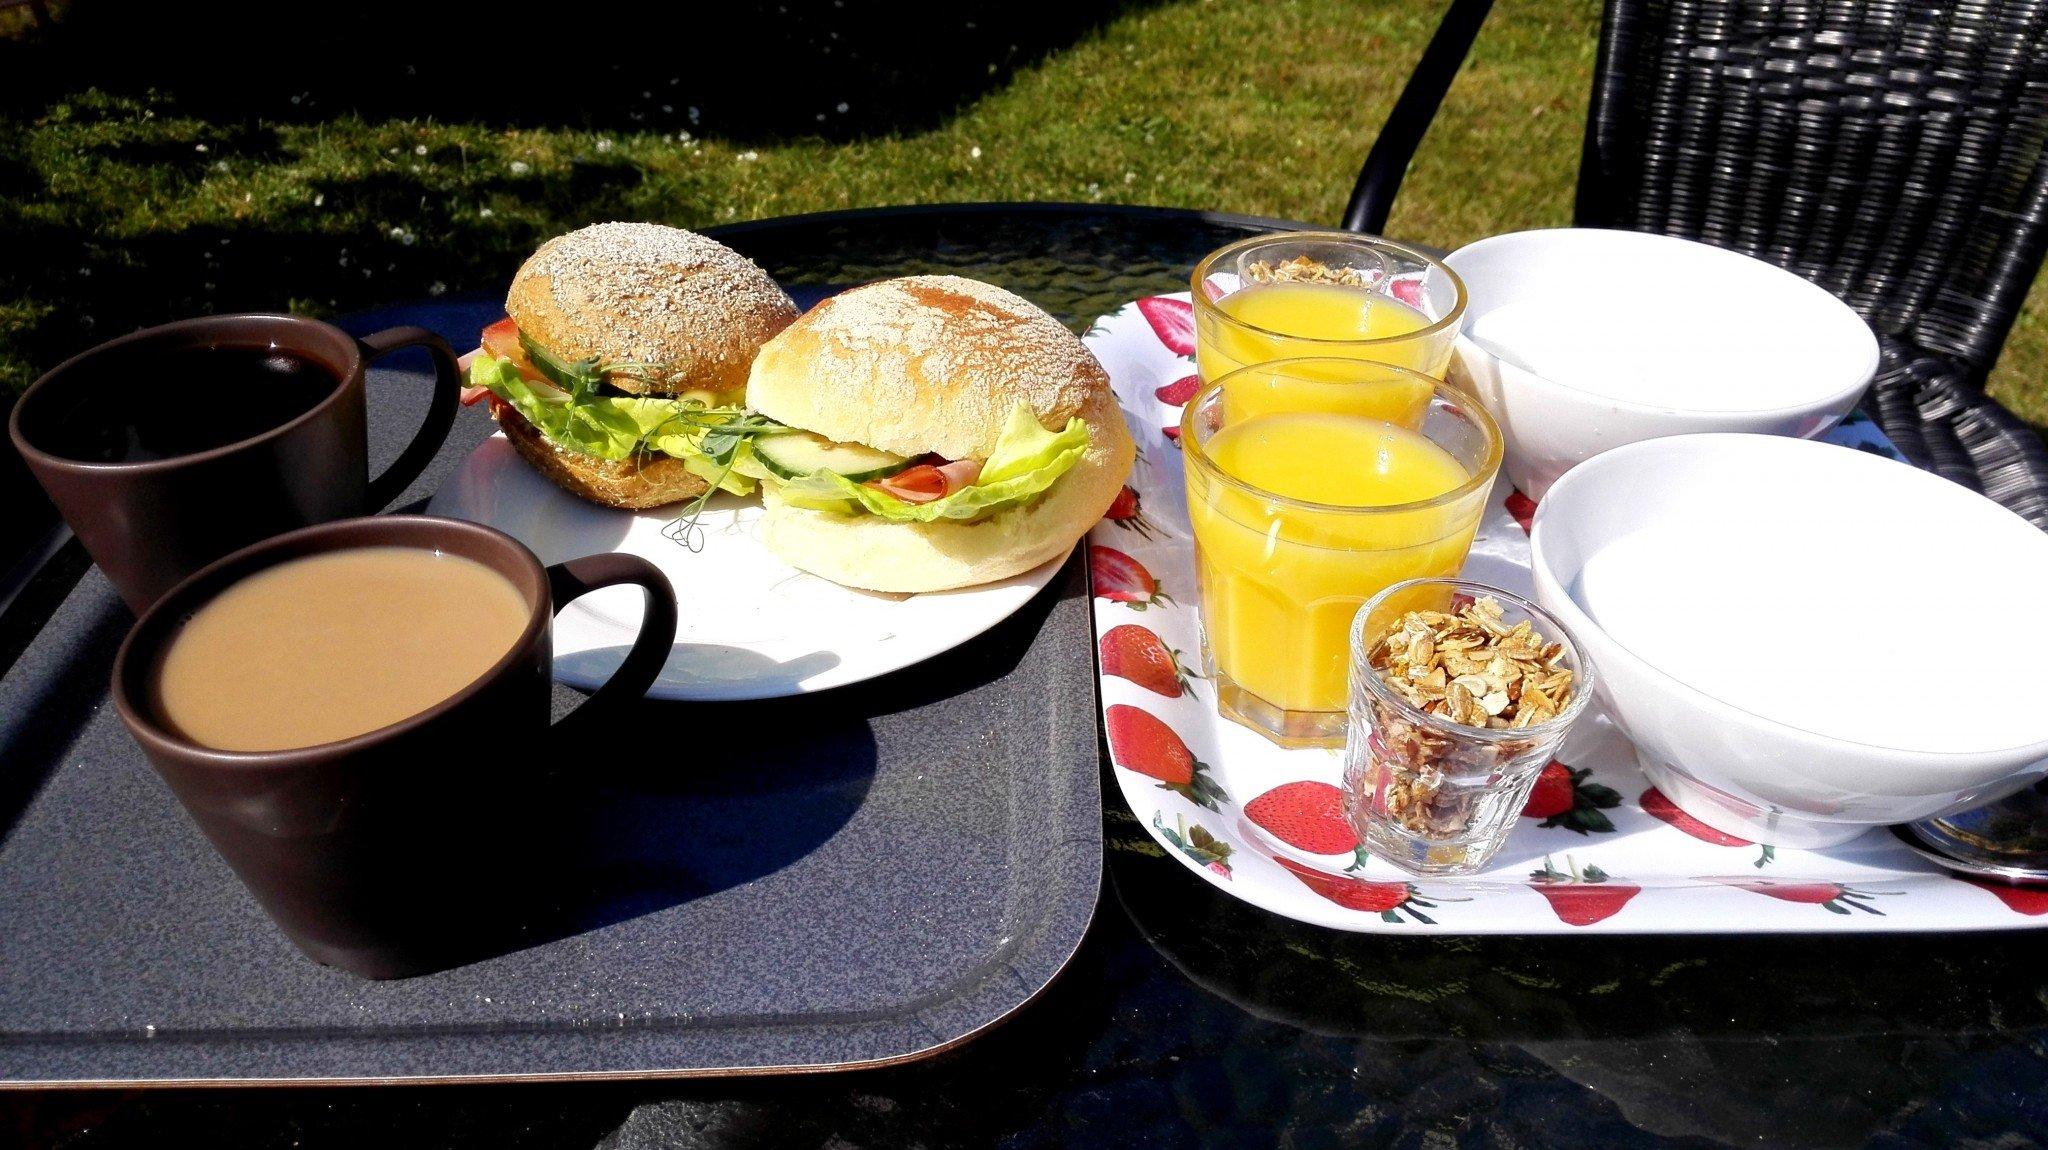 Näin hienoa aamiaista harvemmin saa vaellusretkillä. Tässä Gotlannin pyöräretken luksusta, kun piipahdimme leipomokahvilassa aamutuimaan.